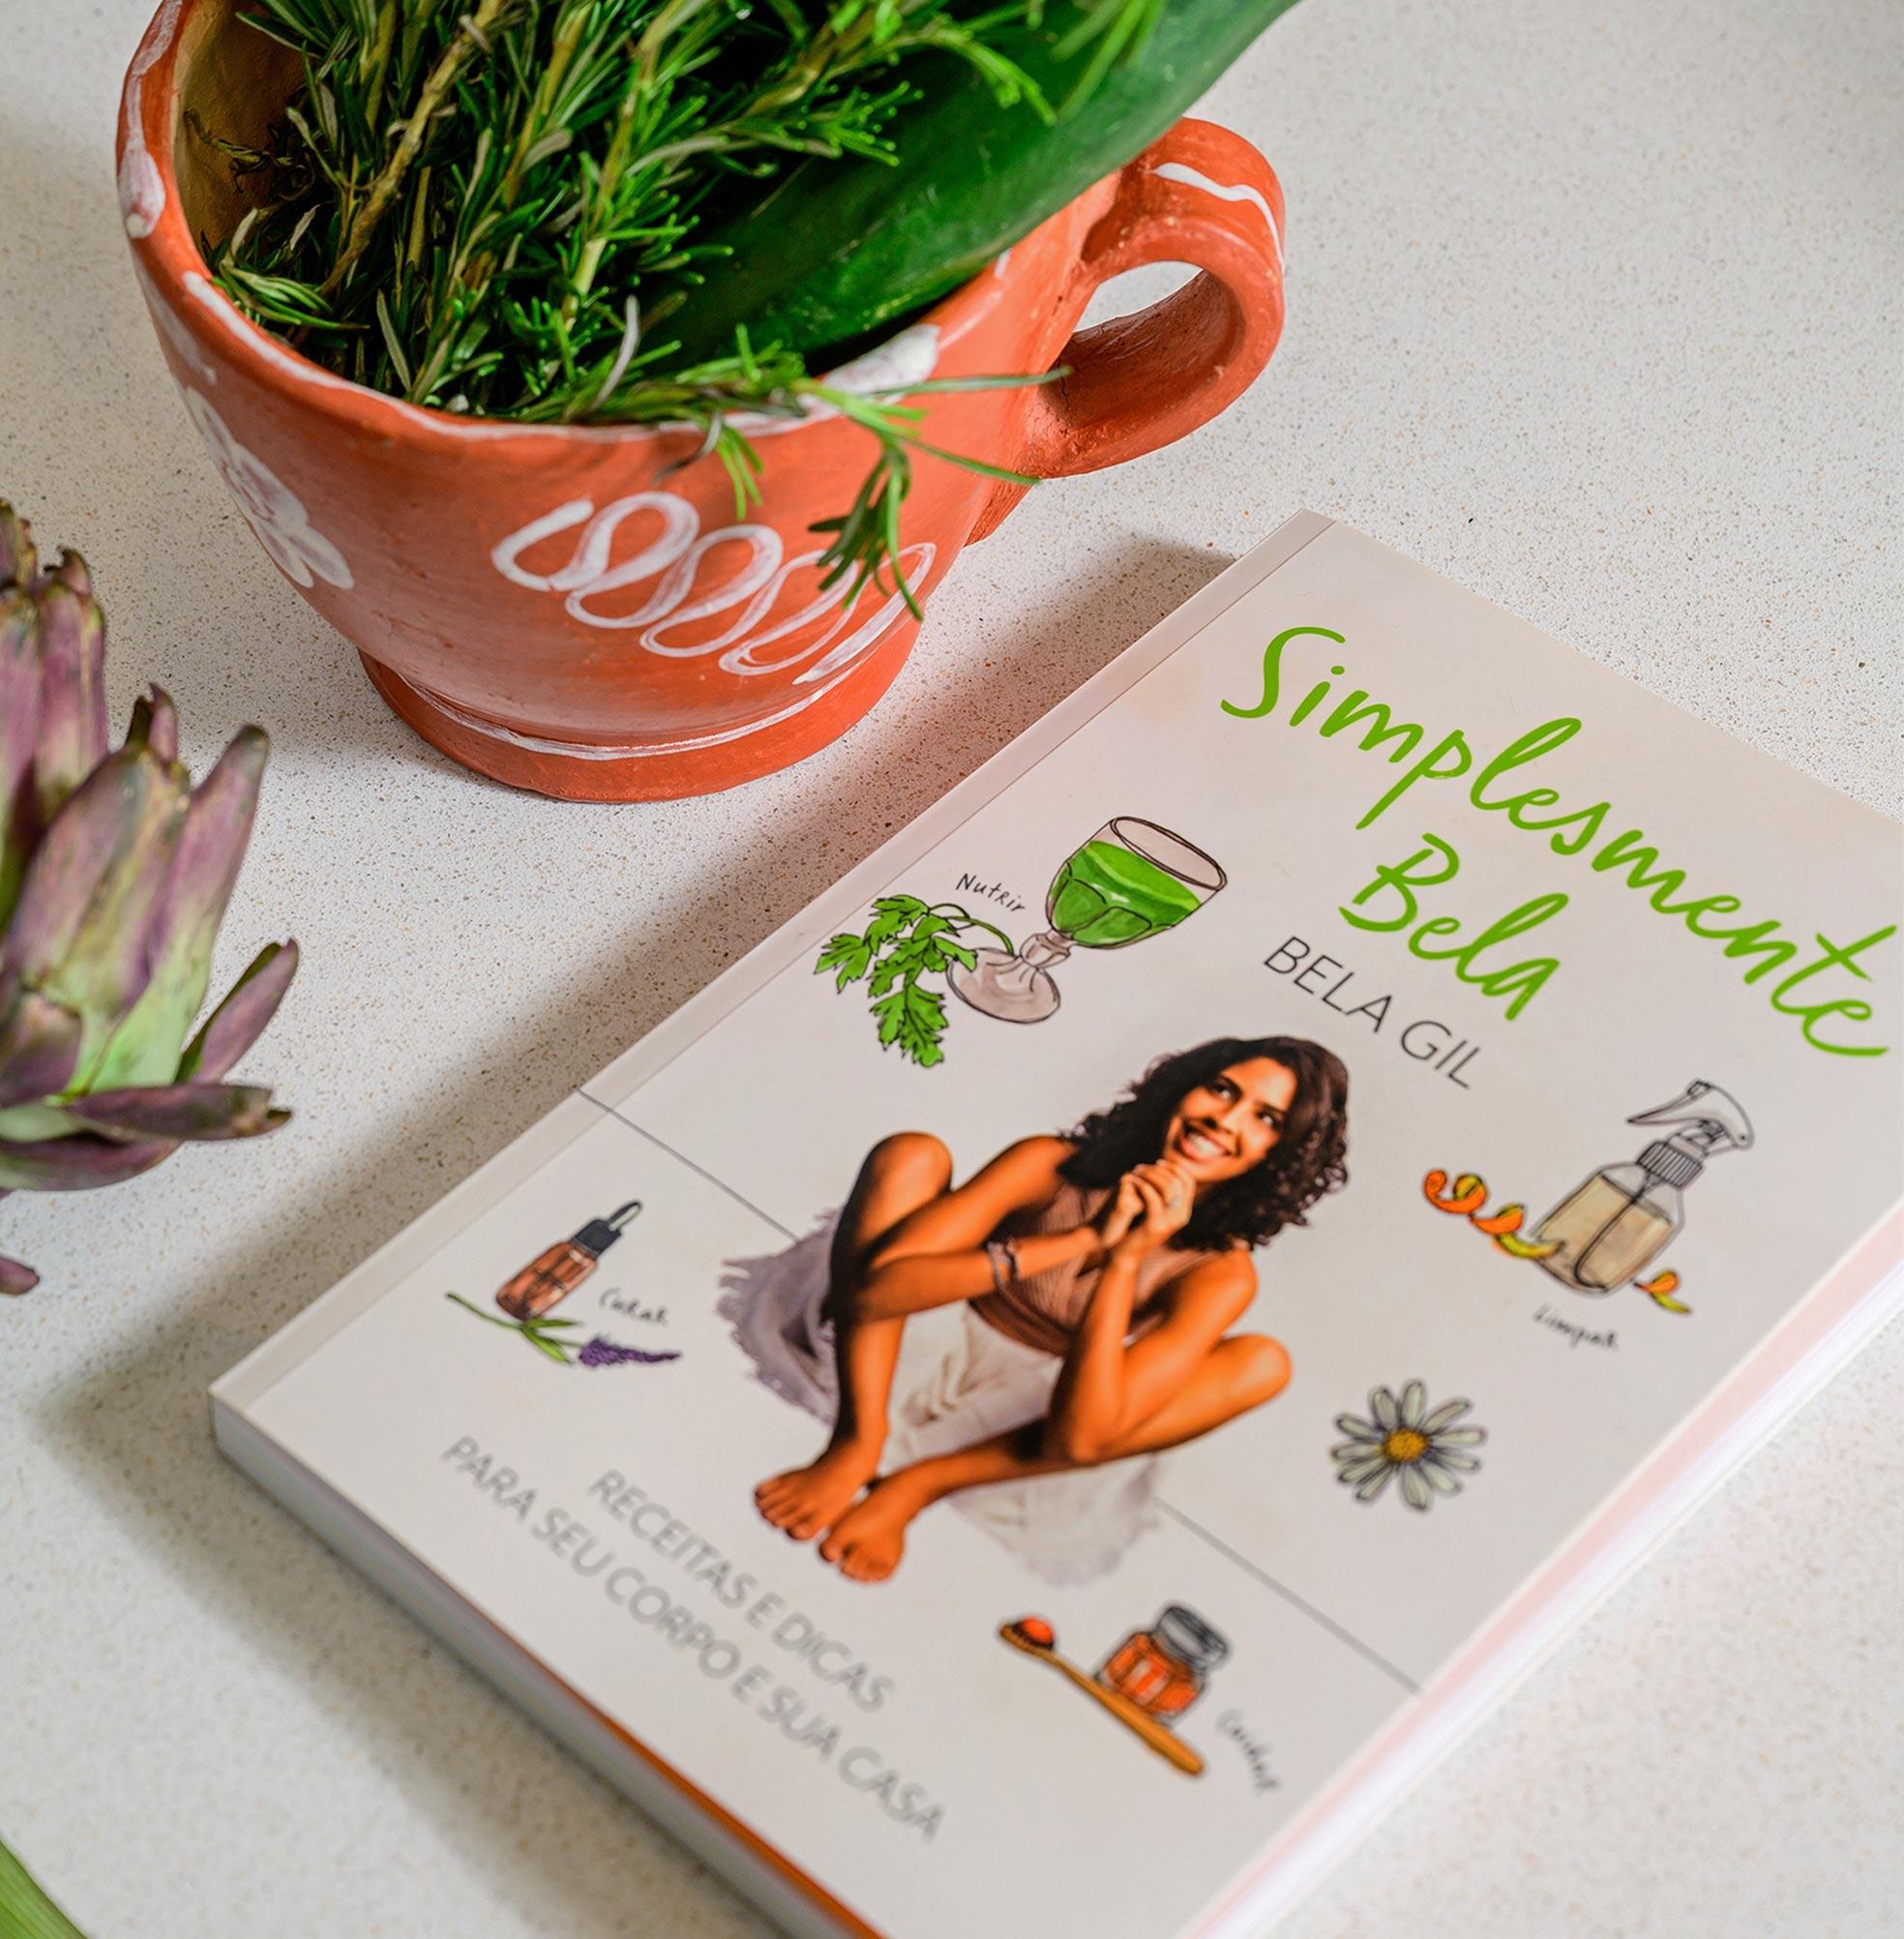 Simplesmente Bela, novo livro Bela Gil | westwing.com.br